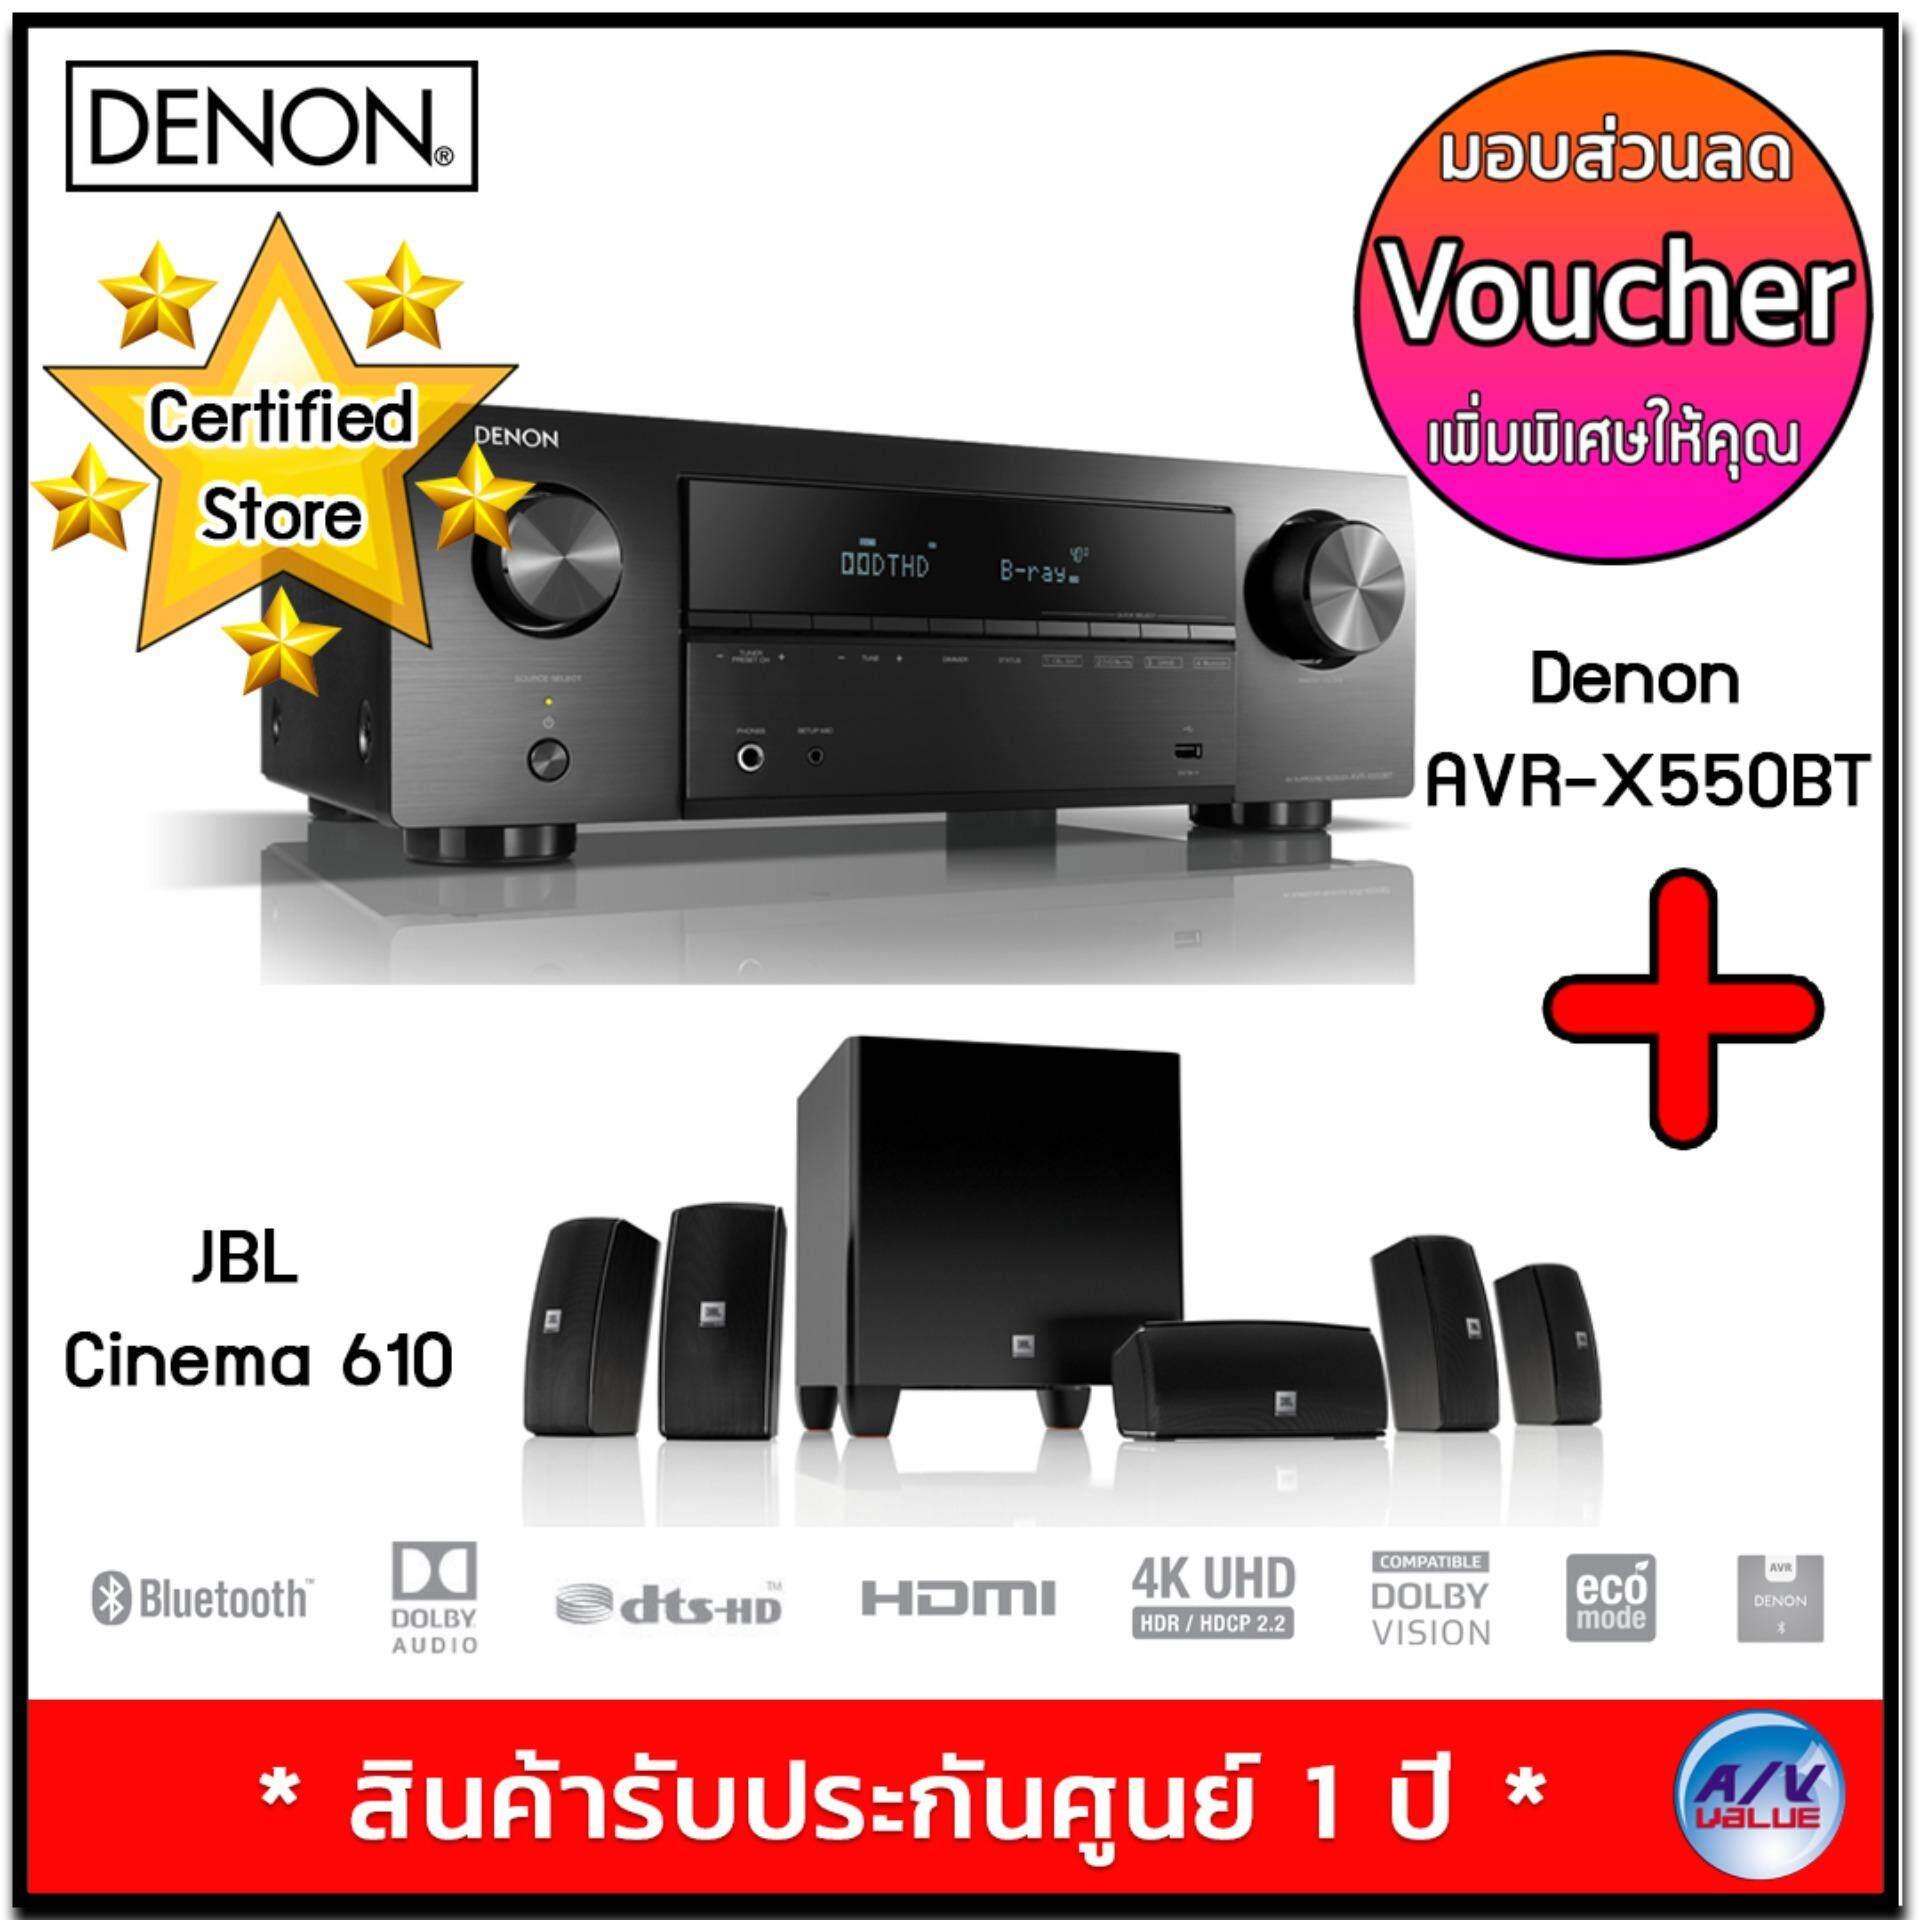 ยี่ห้อนี้ดีไหม  เชียงราย Denon AVR X550BT 5.2 Channel 130W Dolby Ture HD and DTS HD  4K Ultra HD passthrough + JBL Cinema 610 **Voucher ส่วนลดเพิ่มพิเศษ